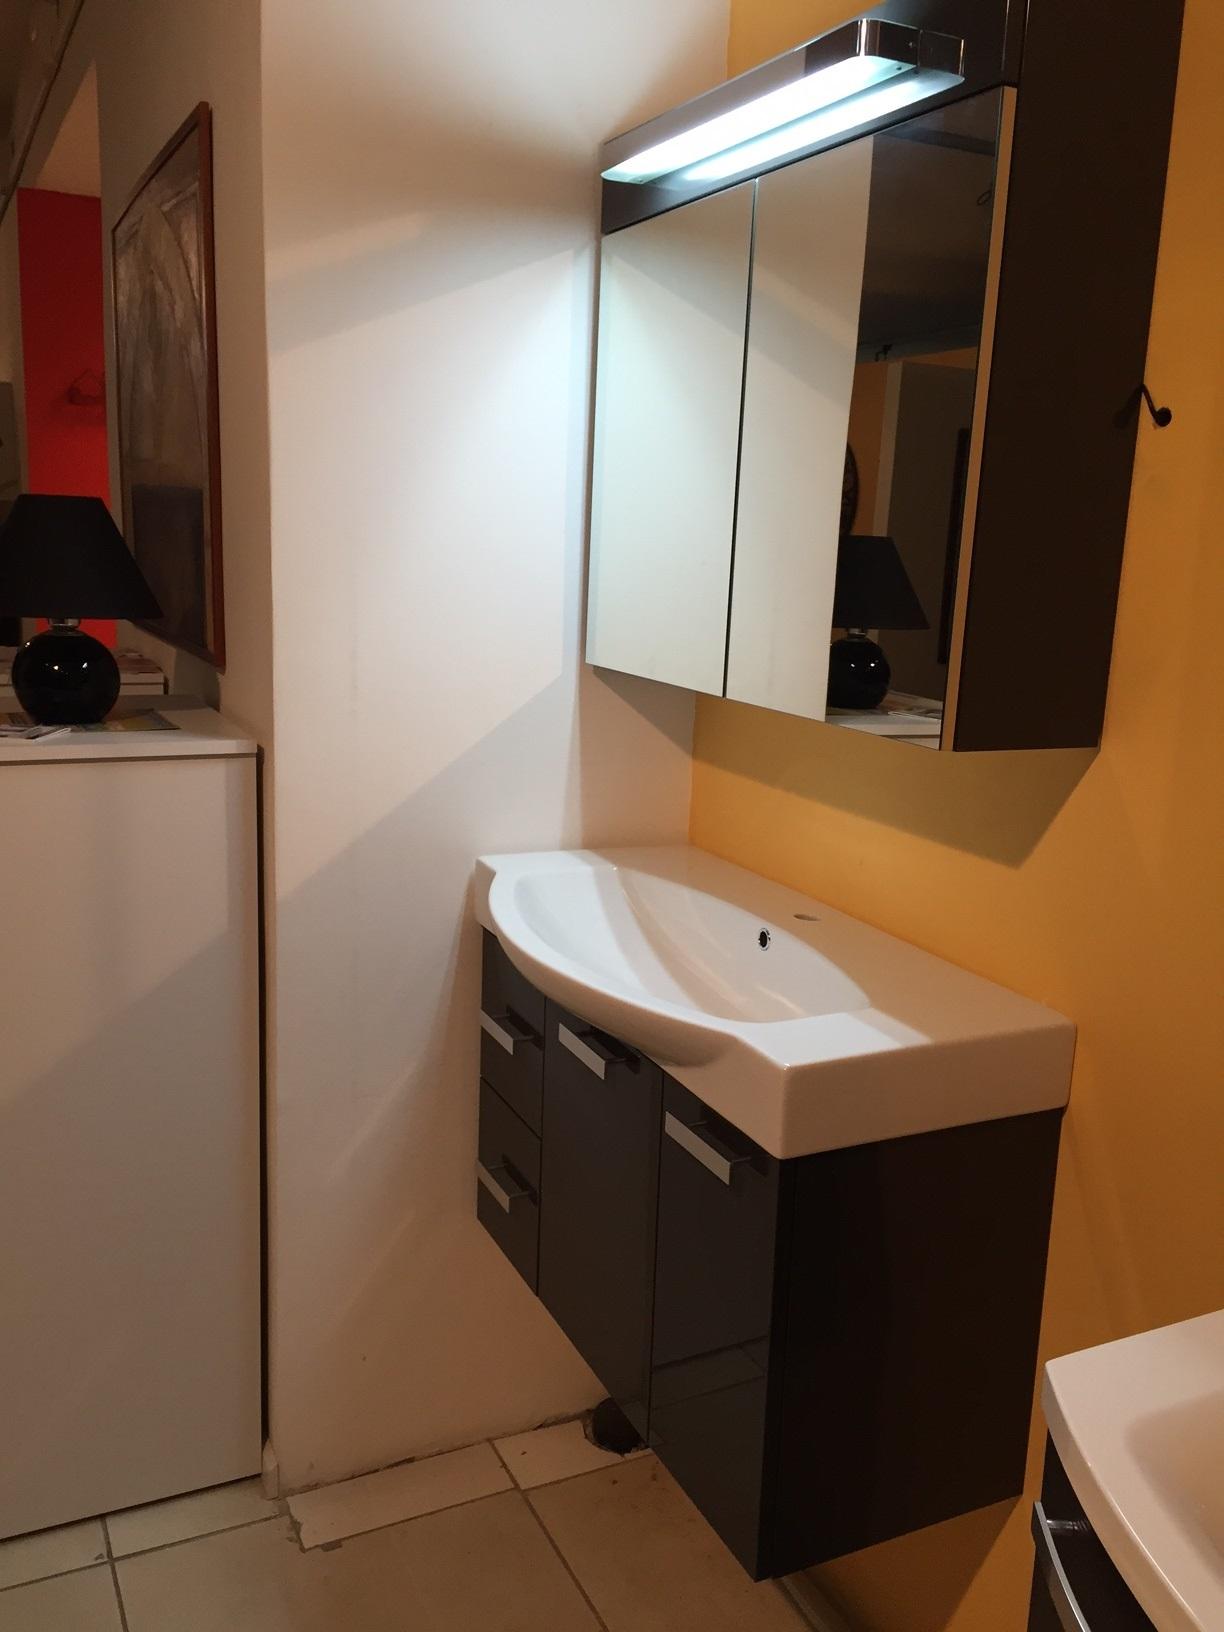 Mobile bagno arbi scontato del 40 arredo bagno a for Arbi arredo bagno prezzi